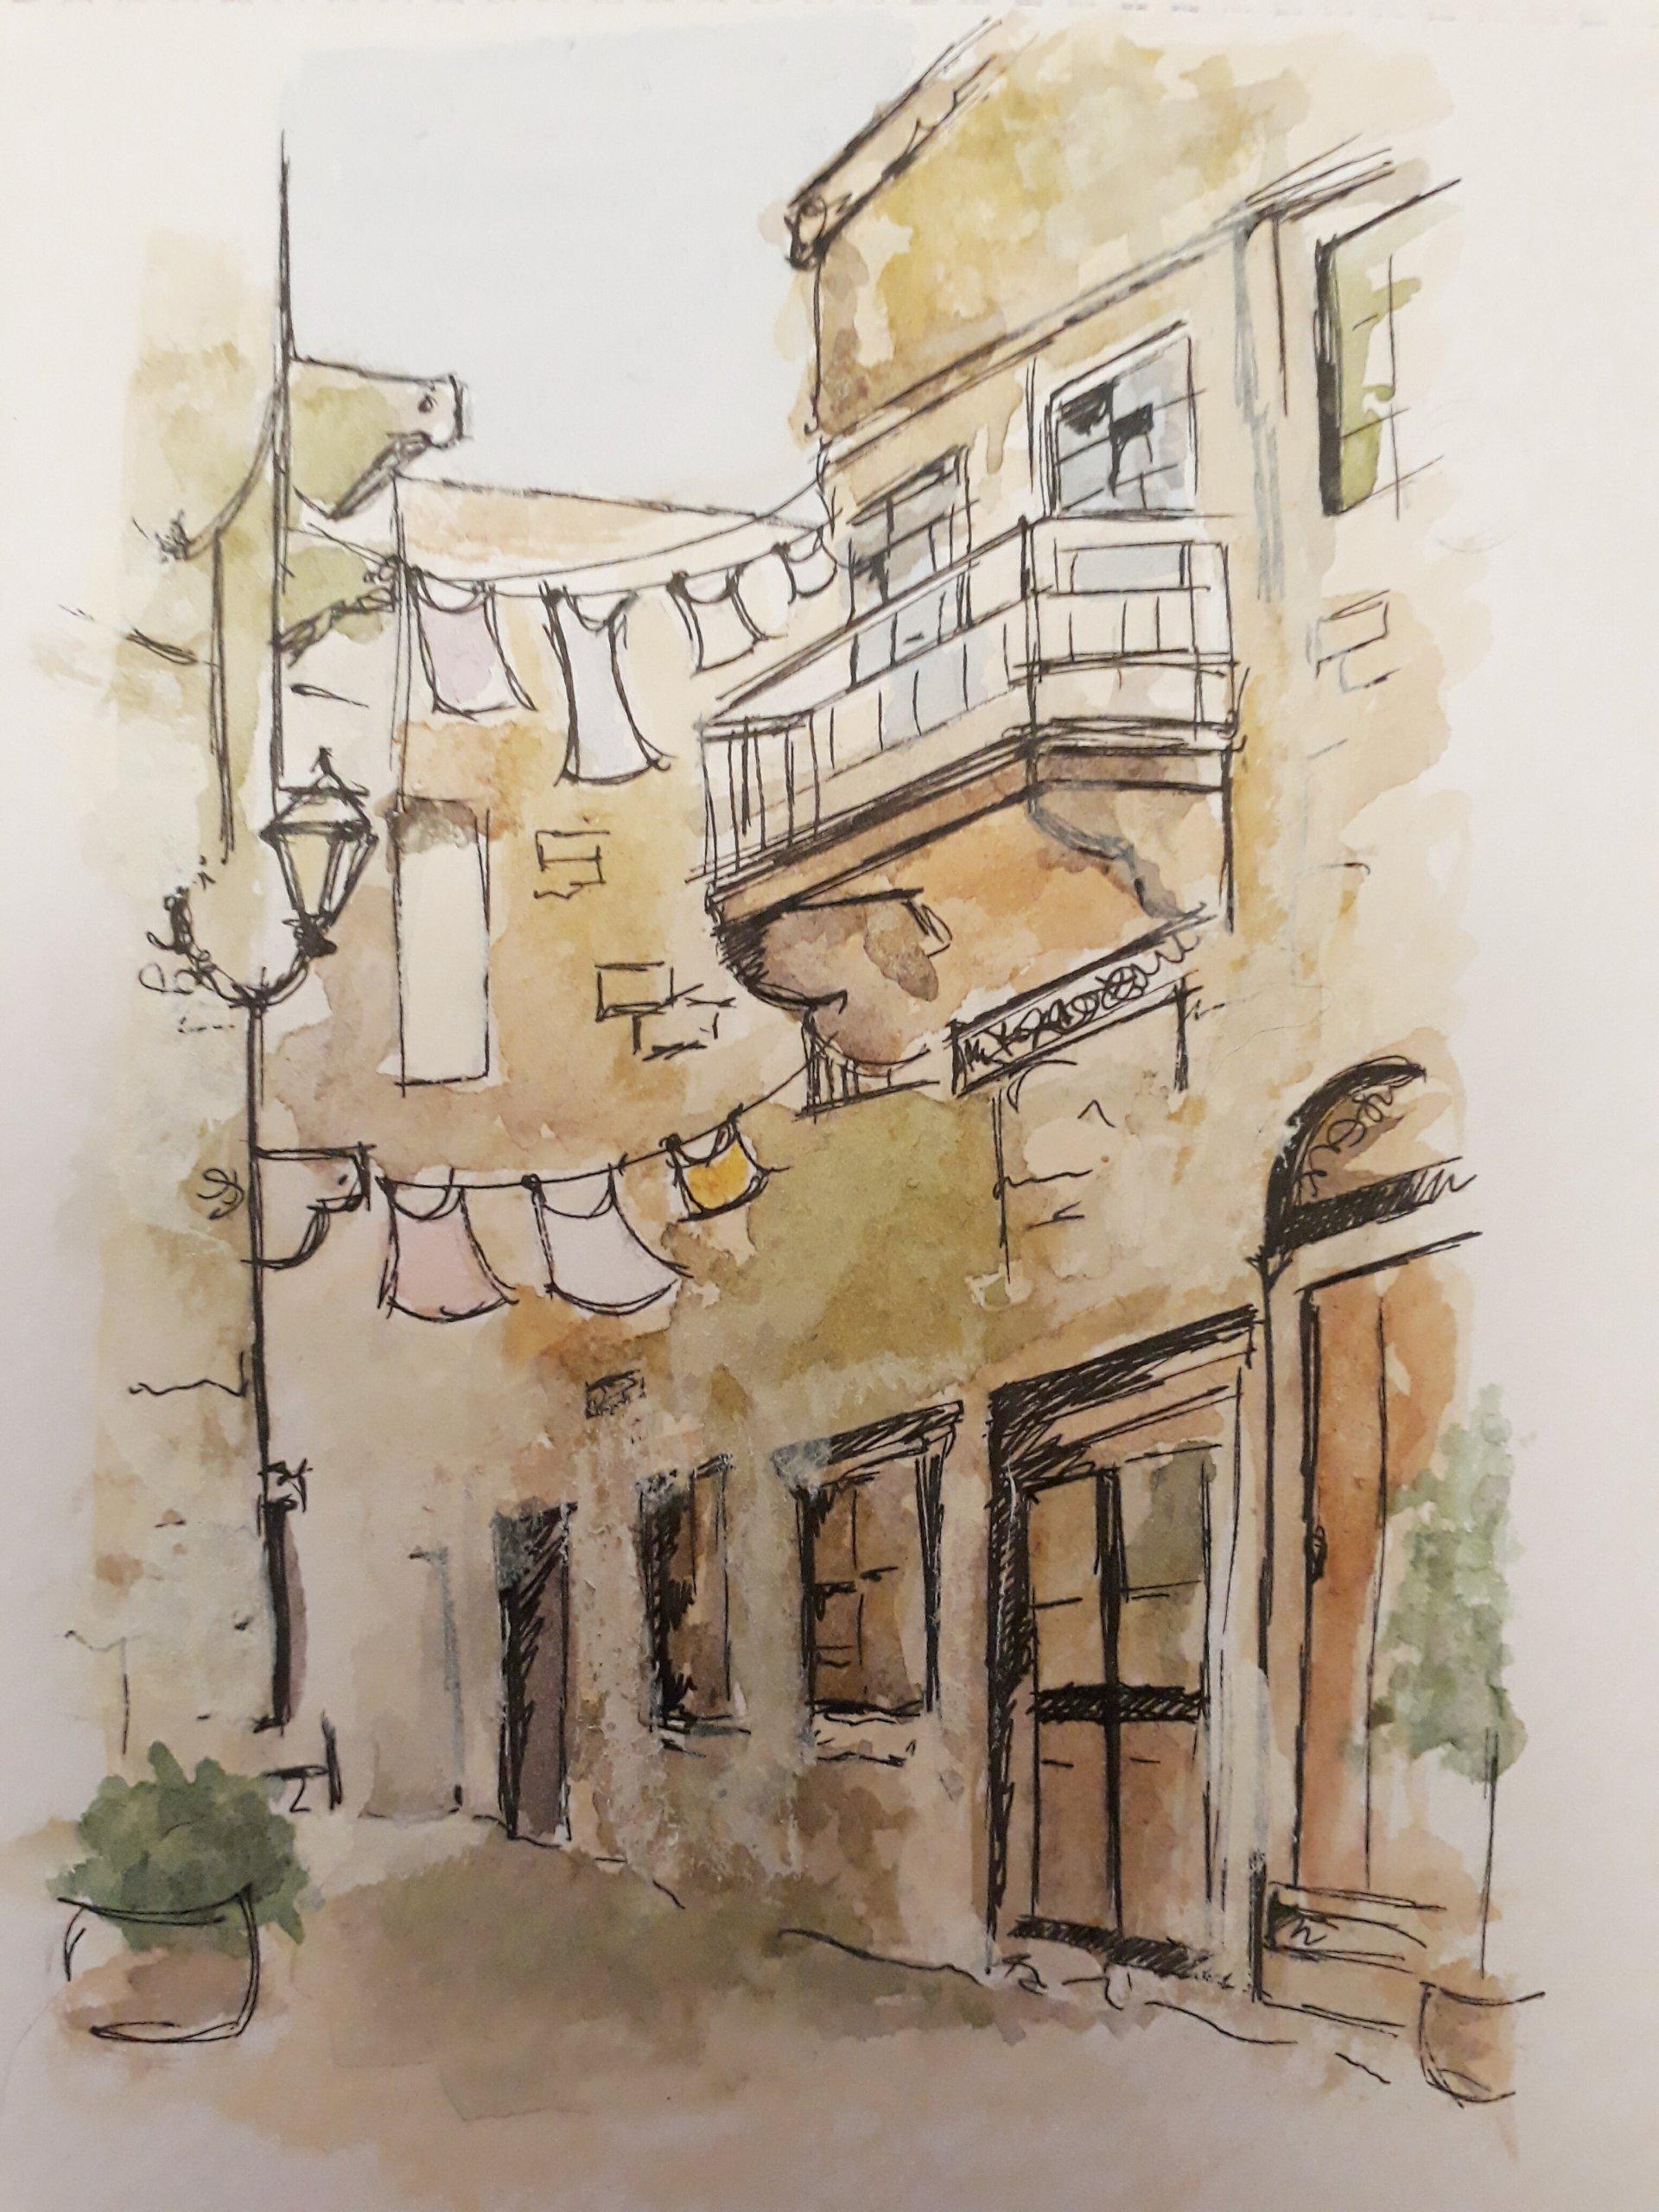 Italian Street in Watercolour